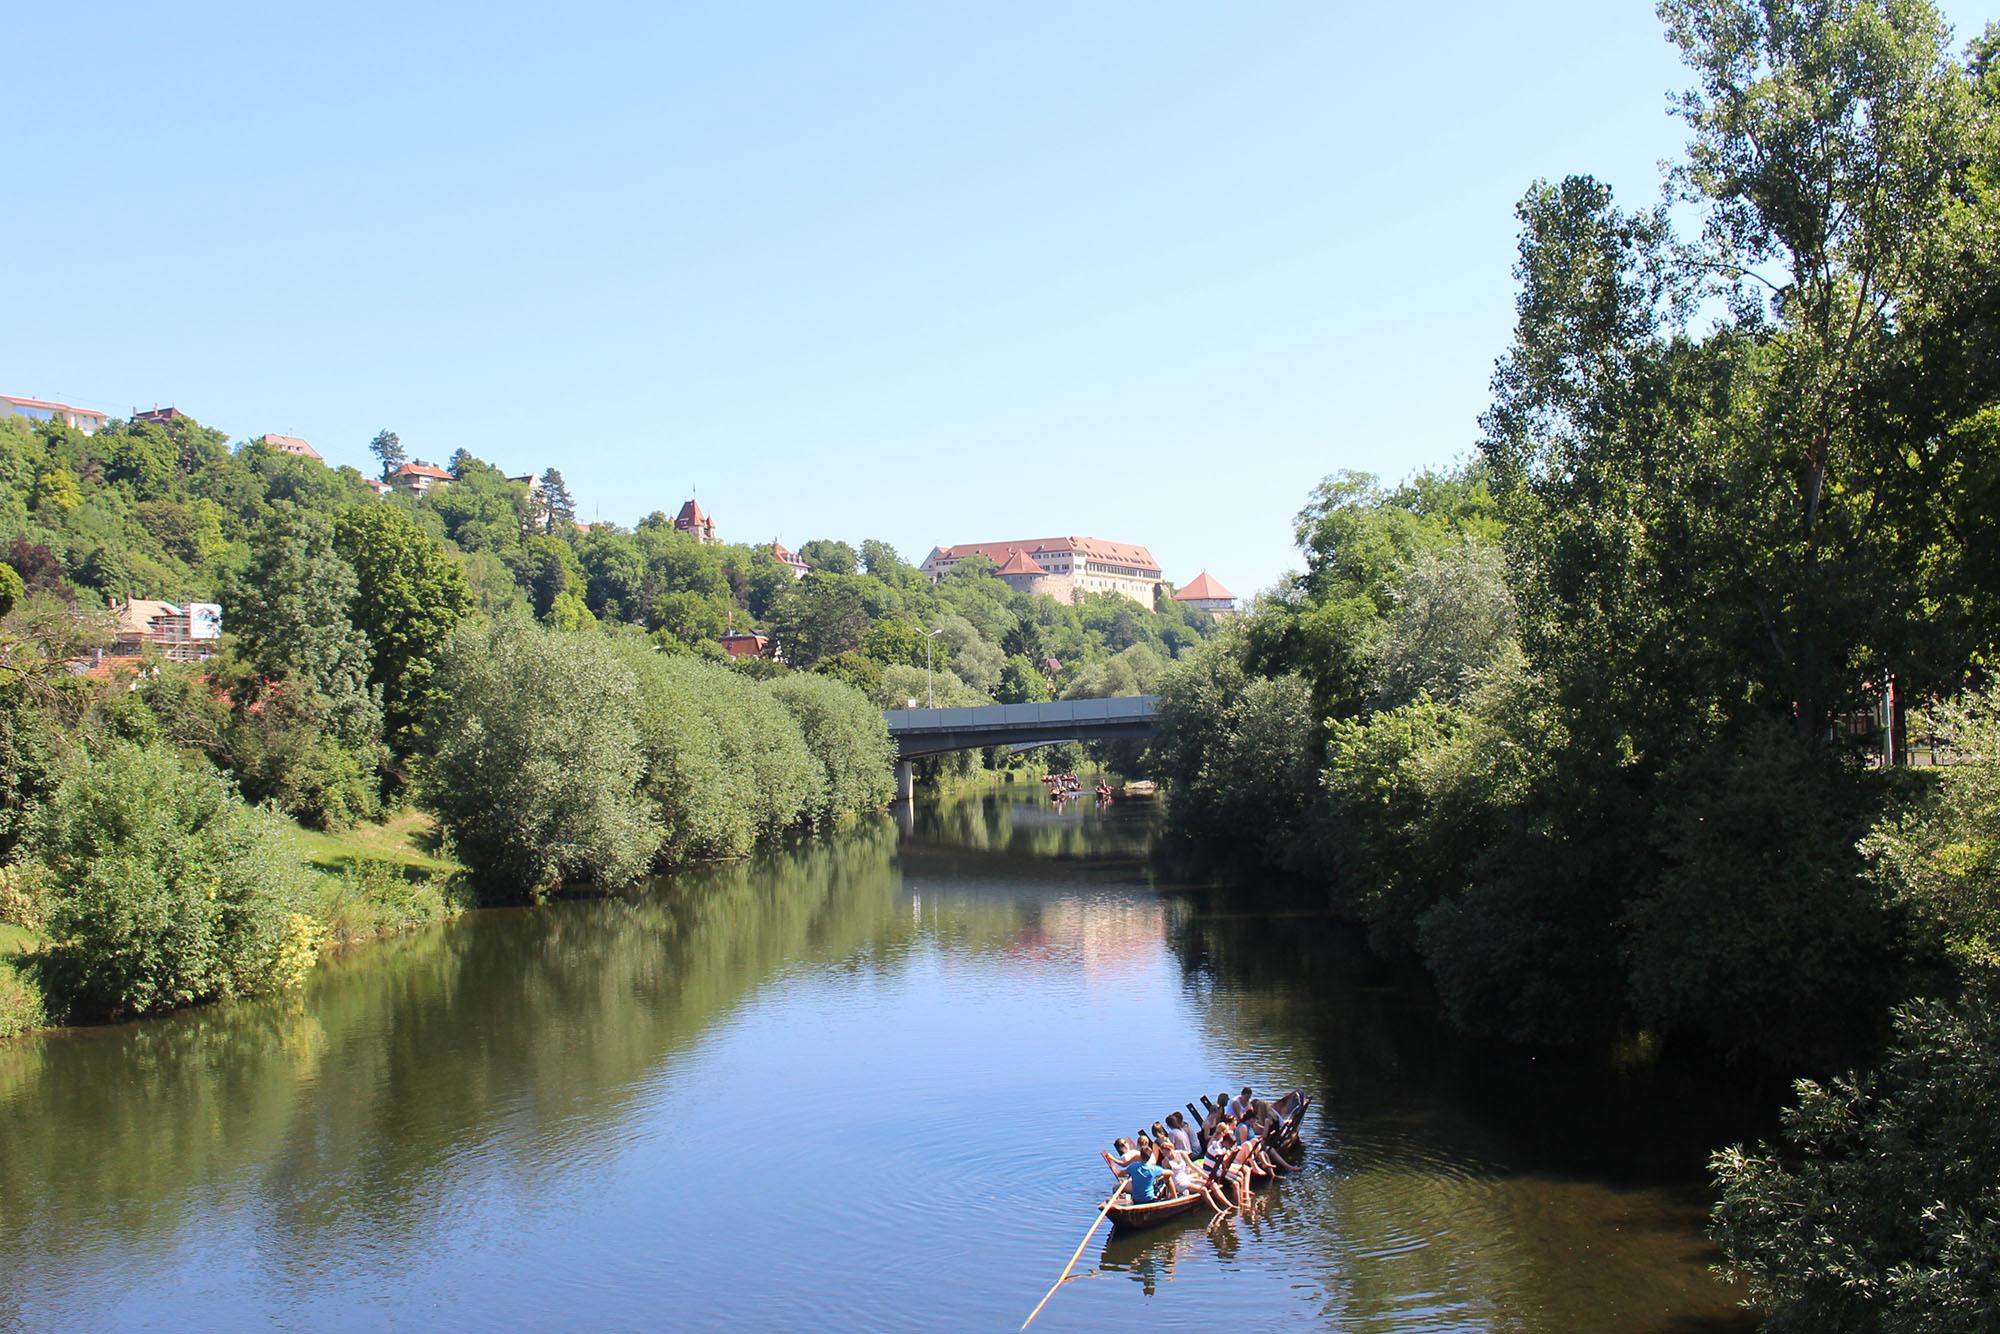 Mit dem Stocherkahn über den Neckar.